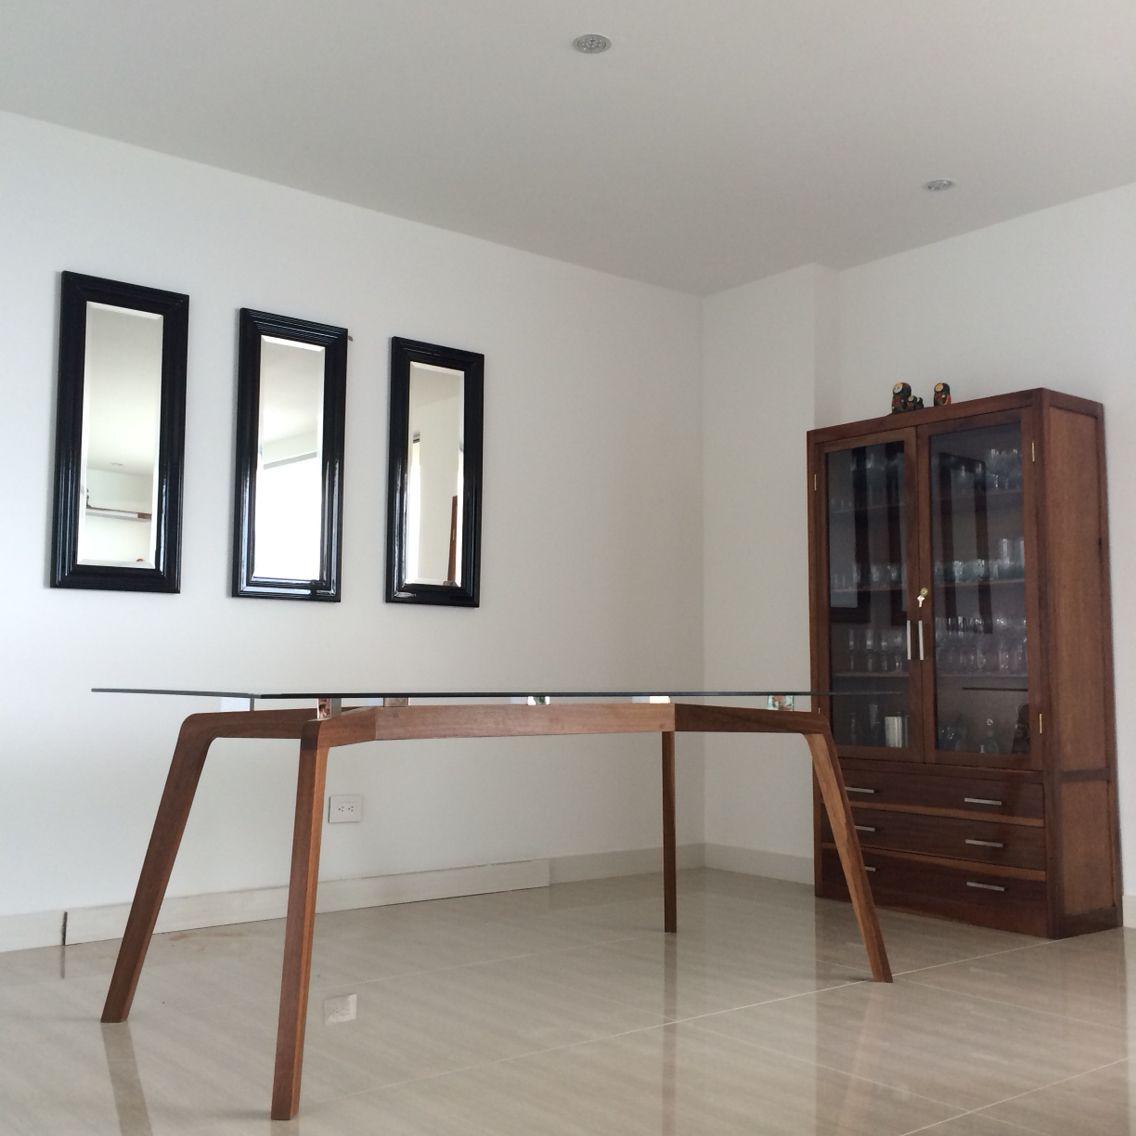 Mesa de comedor en sapan y vidrio un diseño moderno ideal para ...